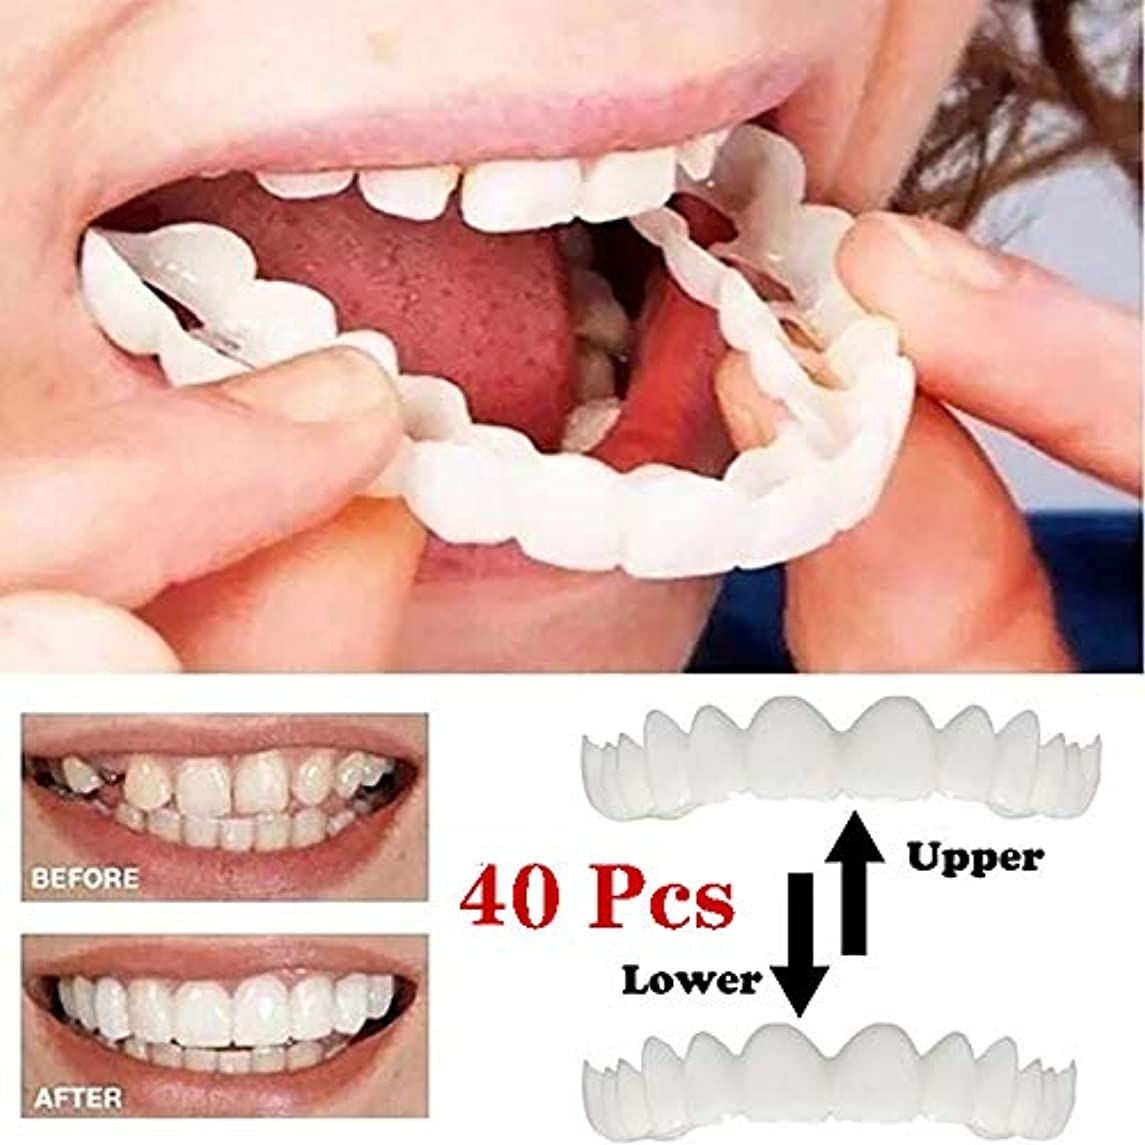 泳ぐ不確実どきどき20セット化粧板の歯、化粧品の歯 - 一時的な笑顔の快適さフィットフレックス化粧品の歯、ワンサイズはほとんどフィット - 歯突き板(下+上)